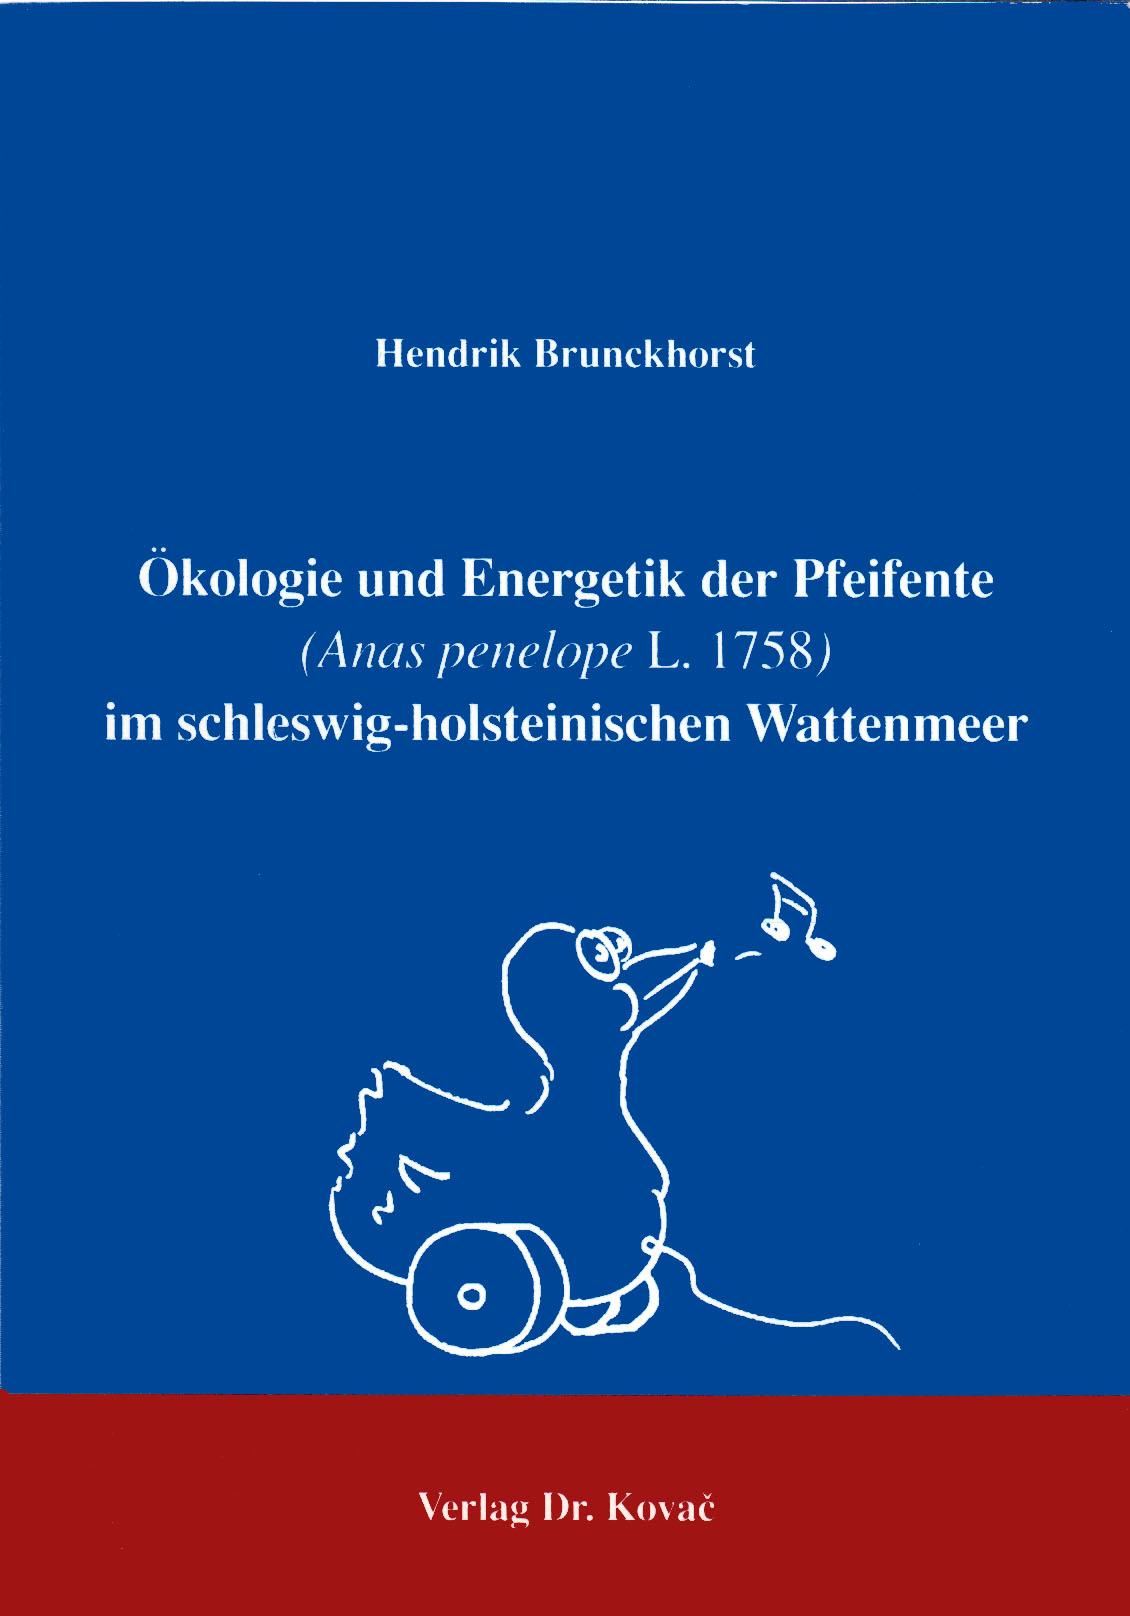 Cover: Ökologie und Energetik der Pfeifente (Anas penelope L. 1758) im schleswig-holsteinischen Wattenmeer